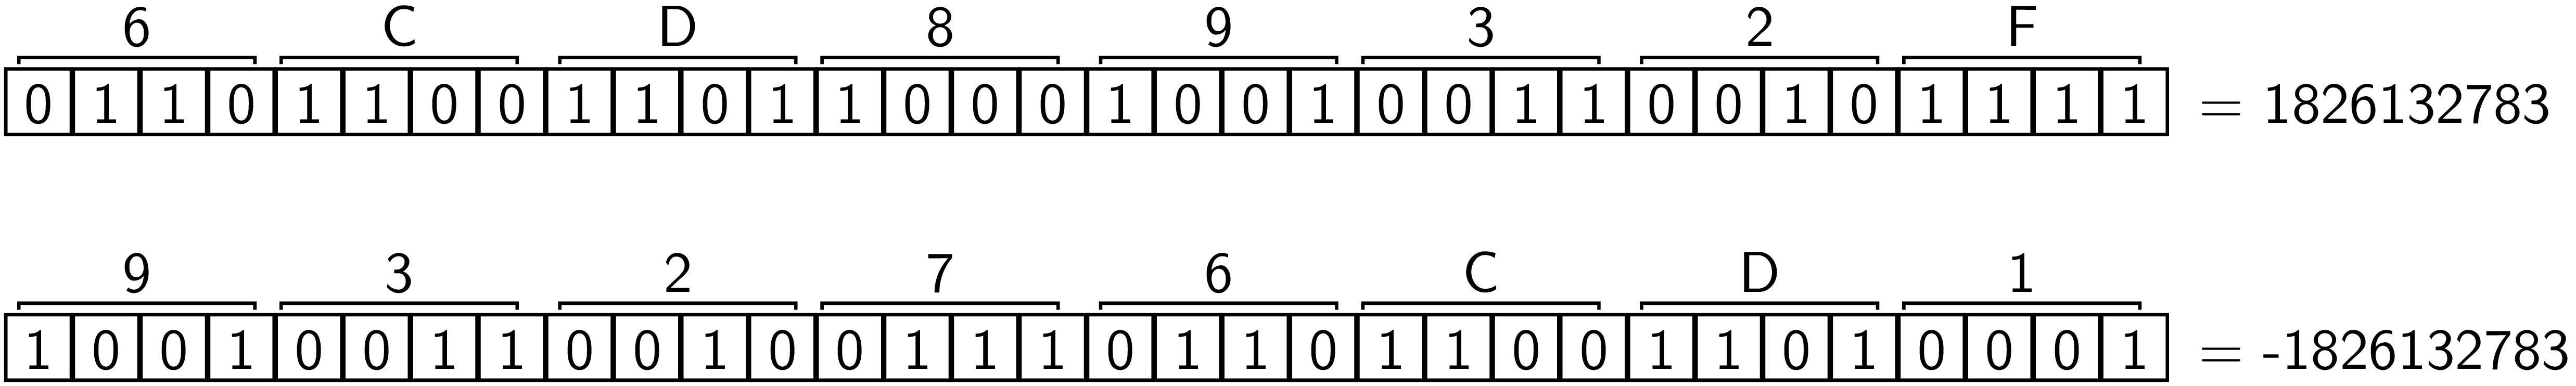 Atemberaubend Multipliziermittel Und Dividieren Exponenten ...